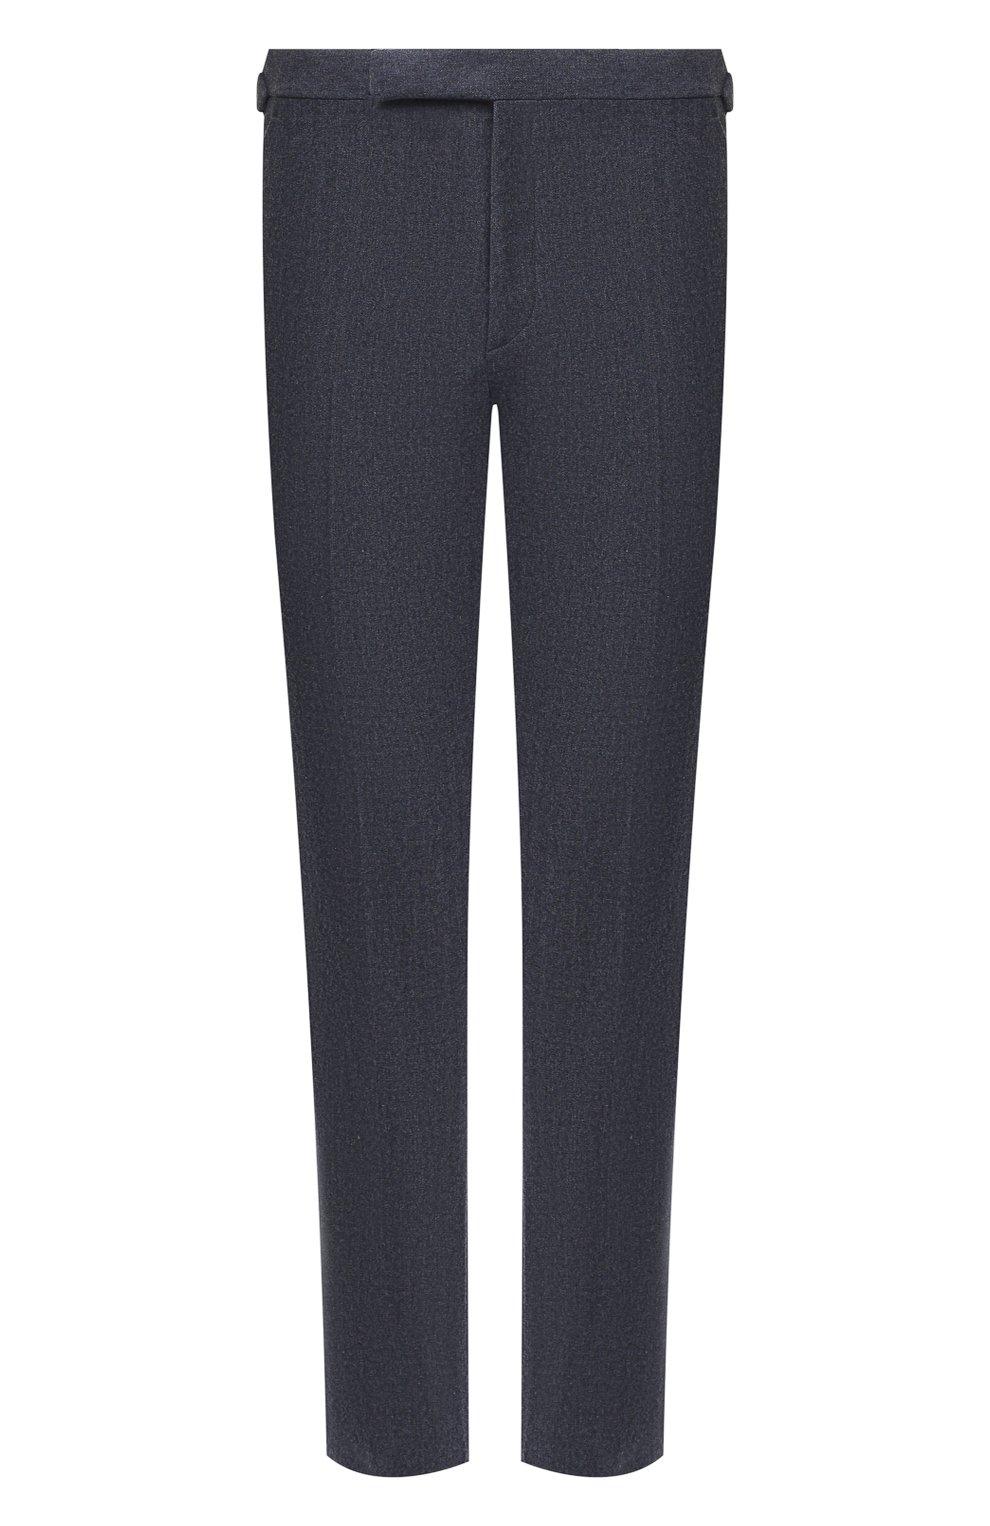 Мужские брюки из шерсти и хлопка RALPH LAUREN синего цвета, арт. 798804746   Фото 1 (Материал внешний: Шерсть; Длина (брюки, джинсы): Стандартные; Случай: Повседневный; Материал подклада: Вискоза; Стили: Кэжуэл)